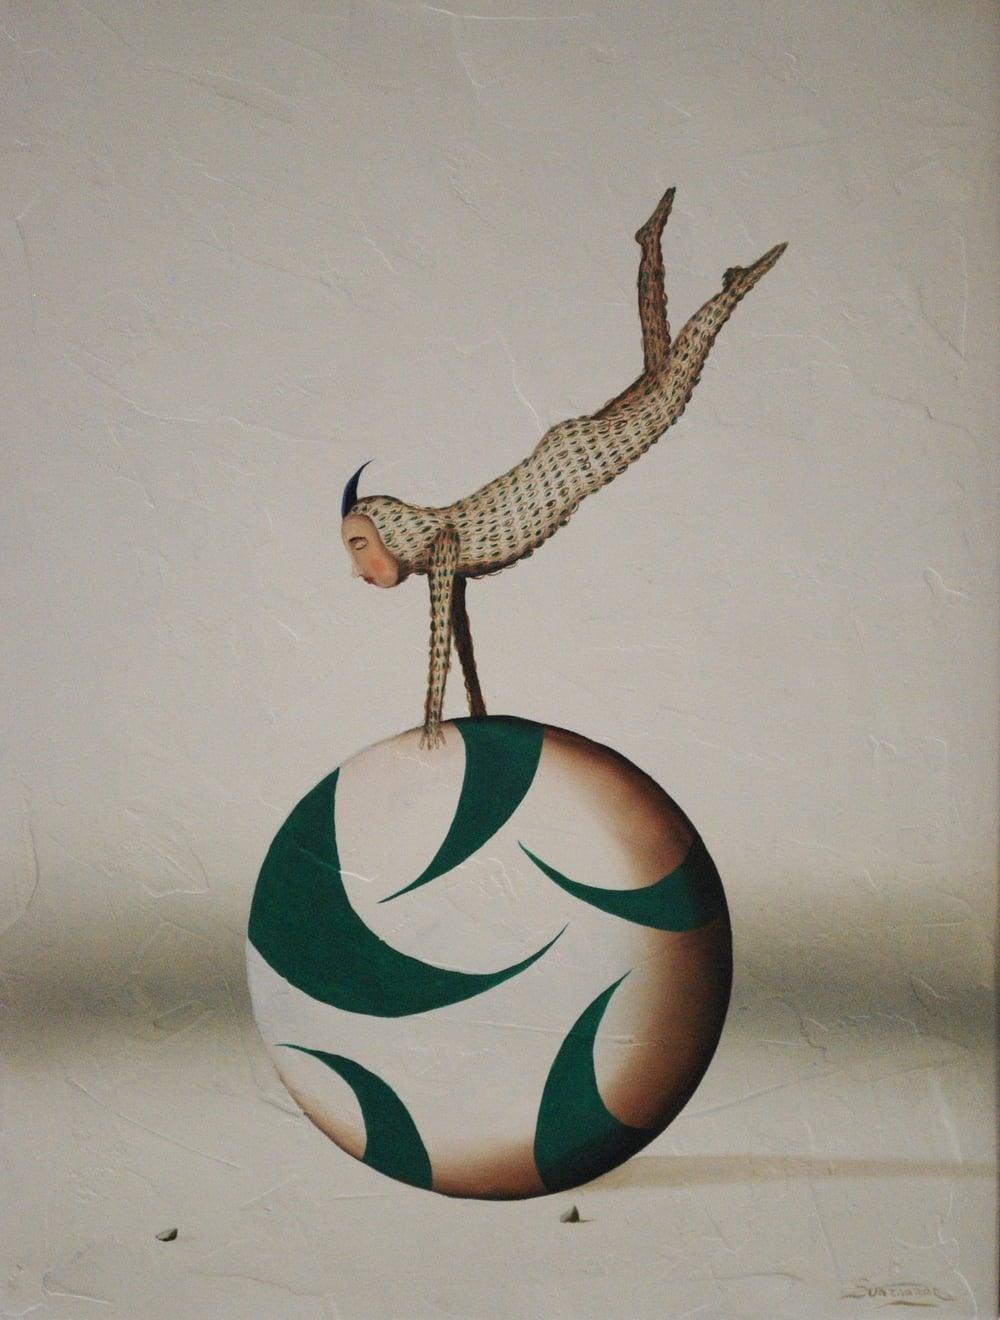 Equilibrista [SOLD]